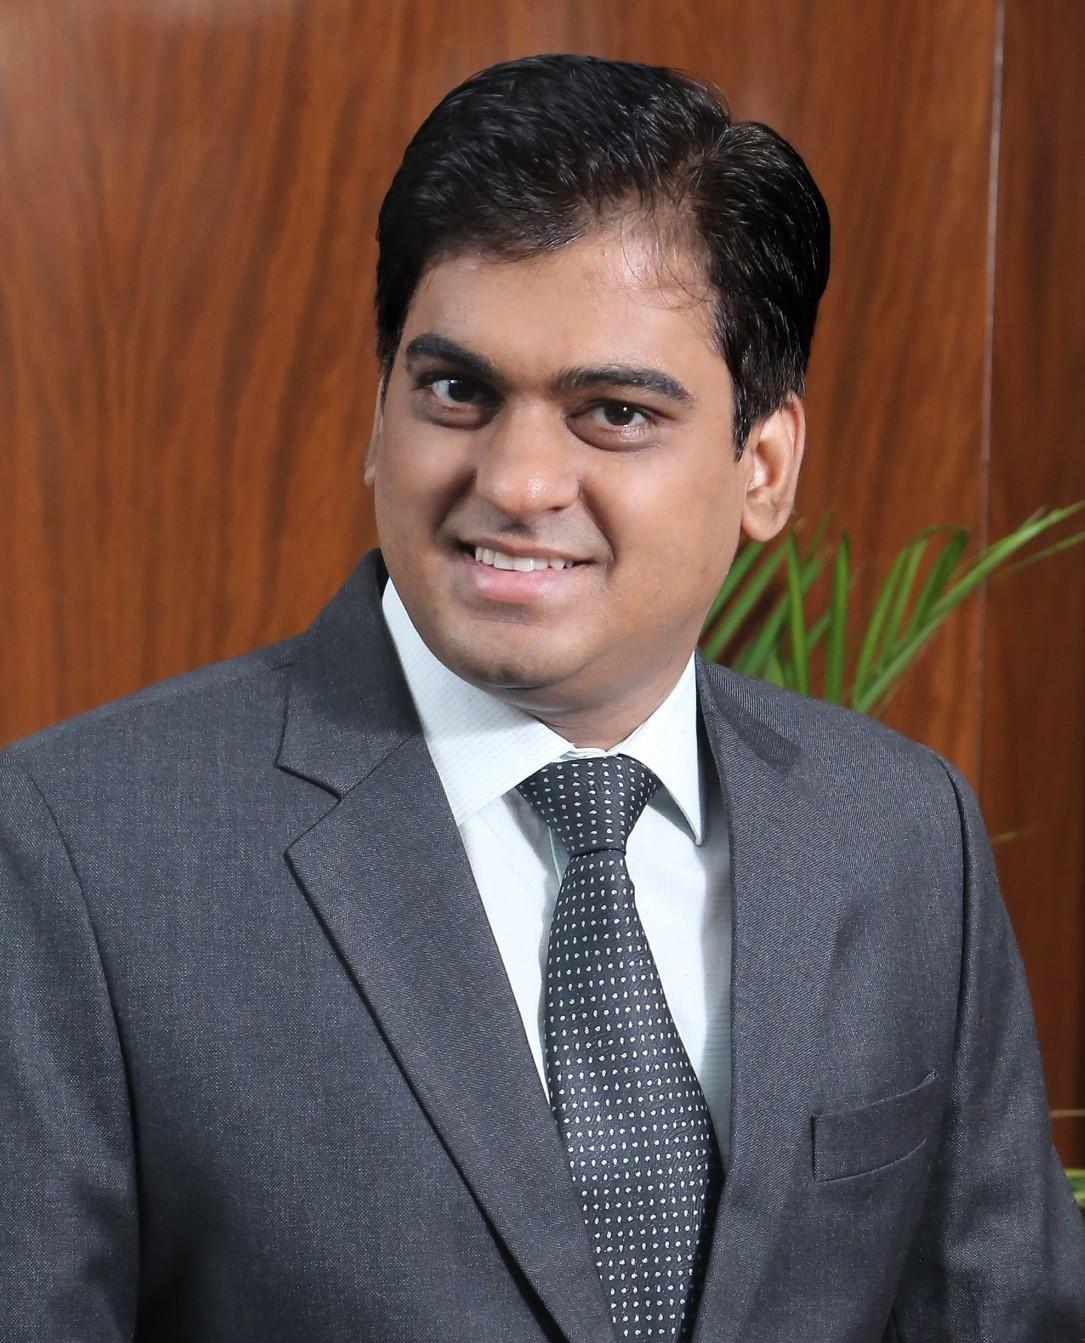 Gopal Gupta